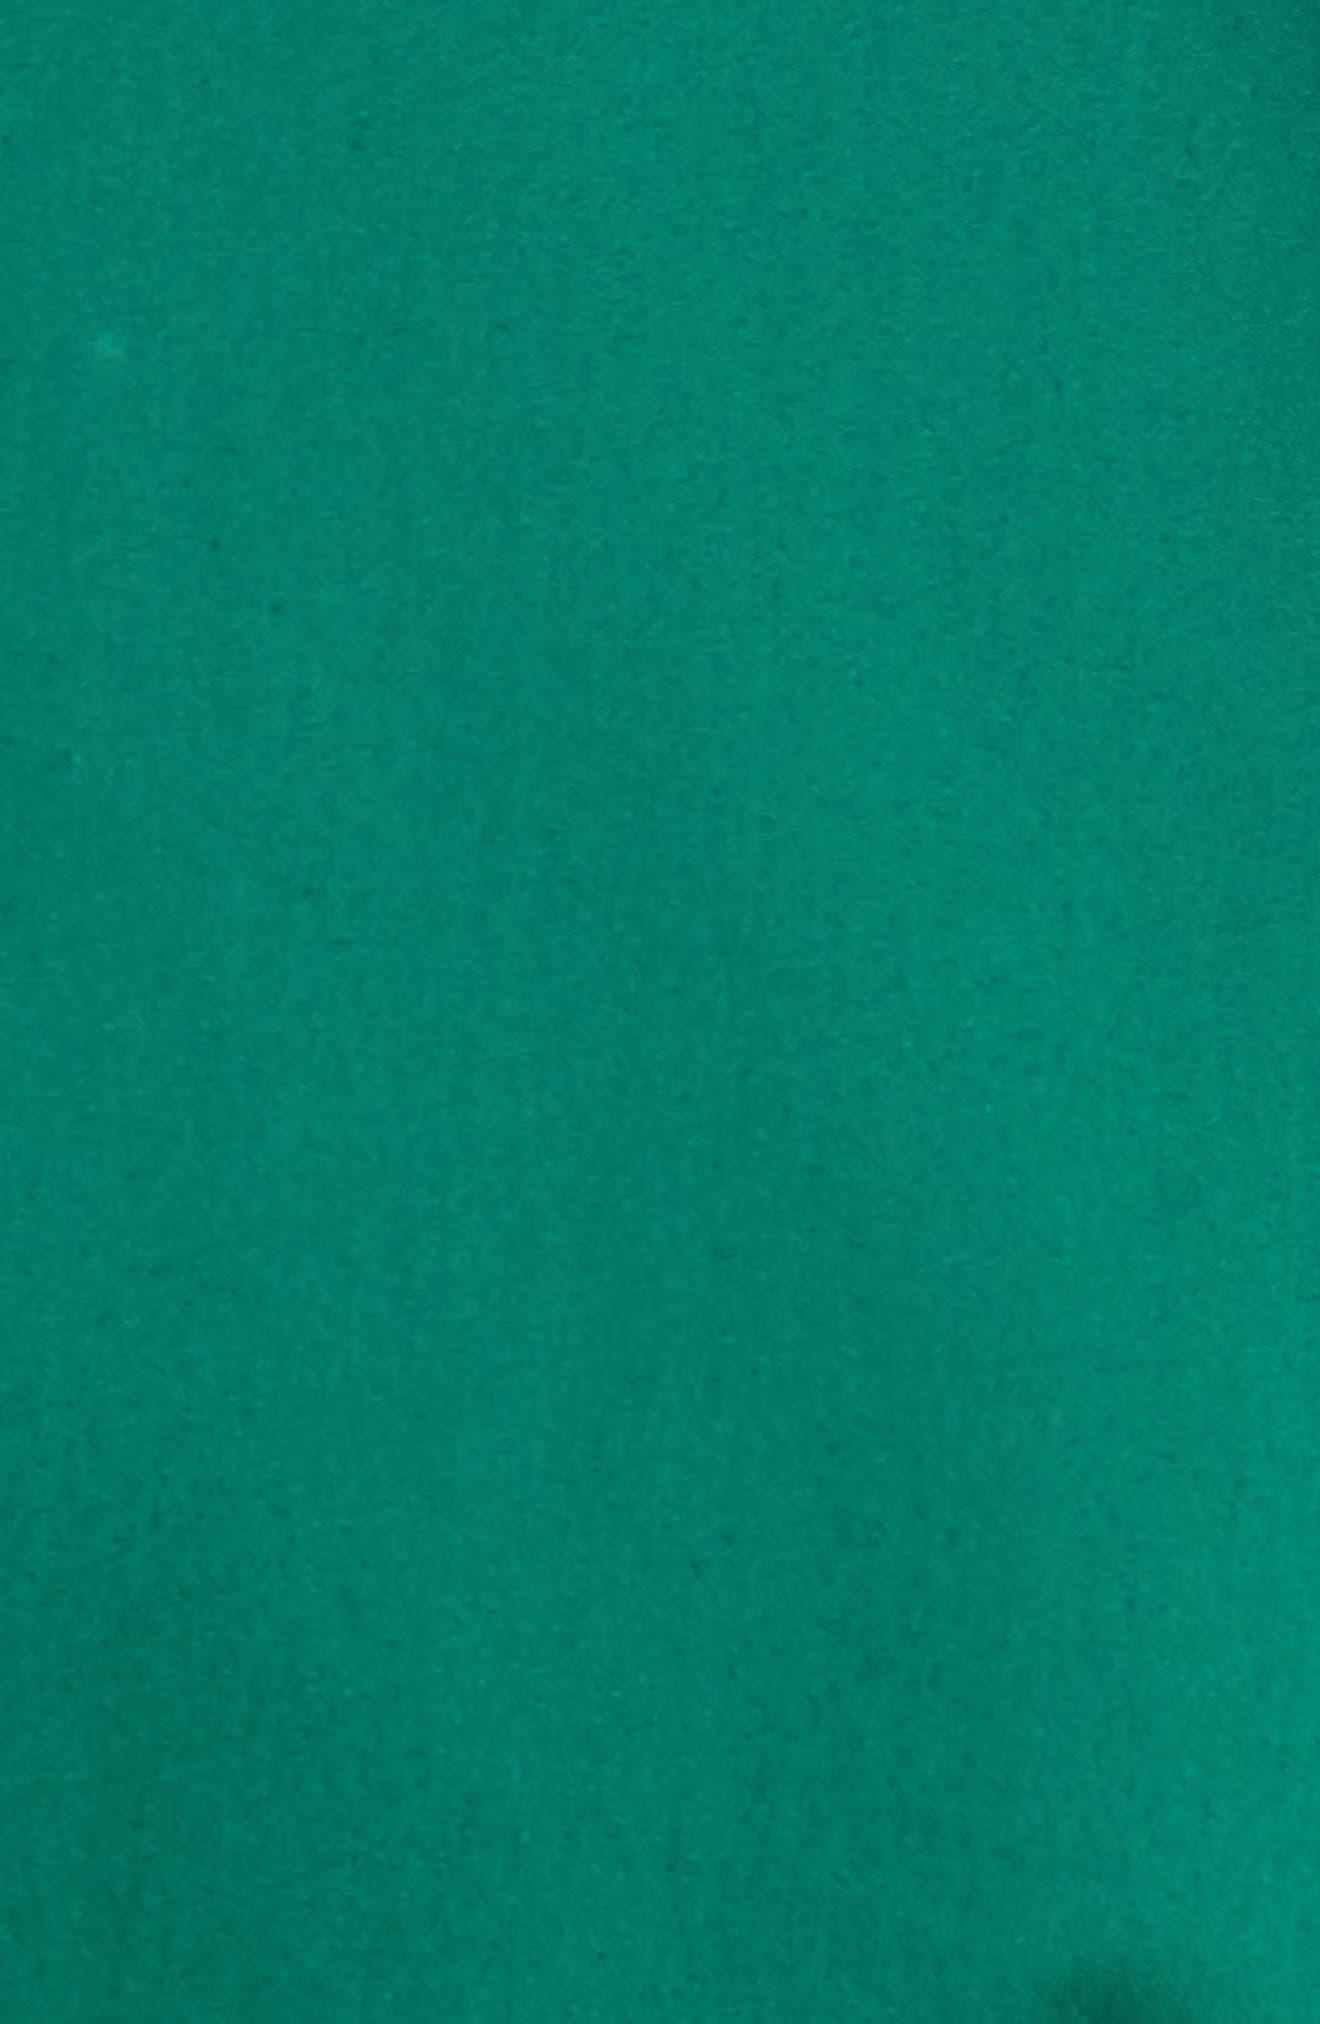 Cotton Blend Tie Dress,                             Alternate thumbnail 6, color,                             Emerald